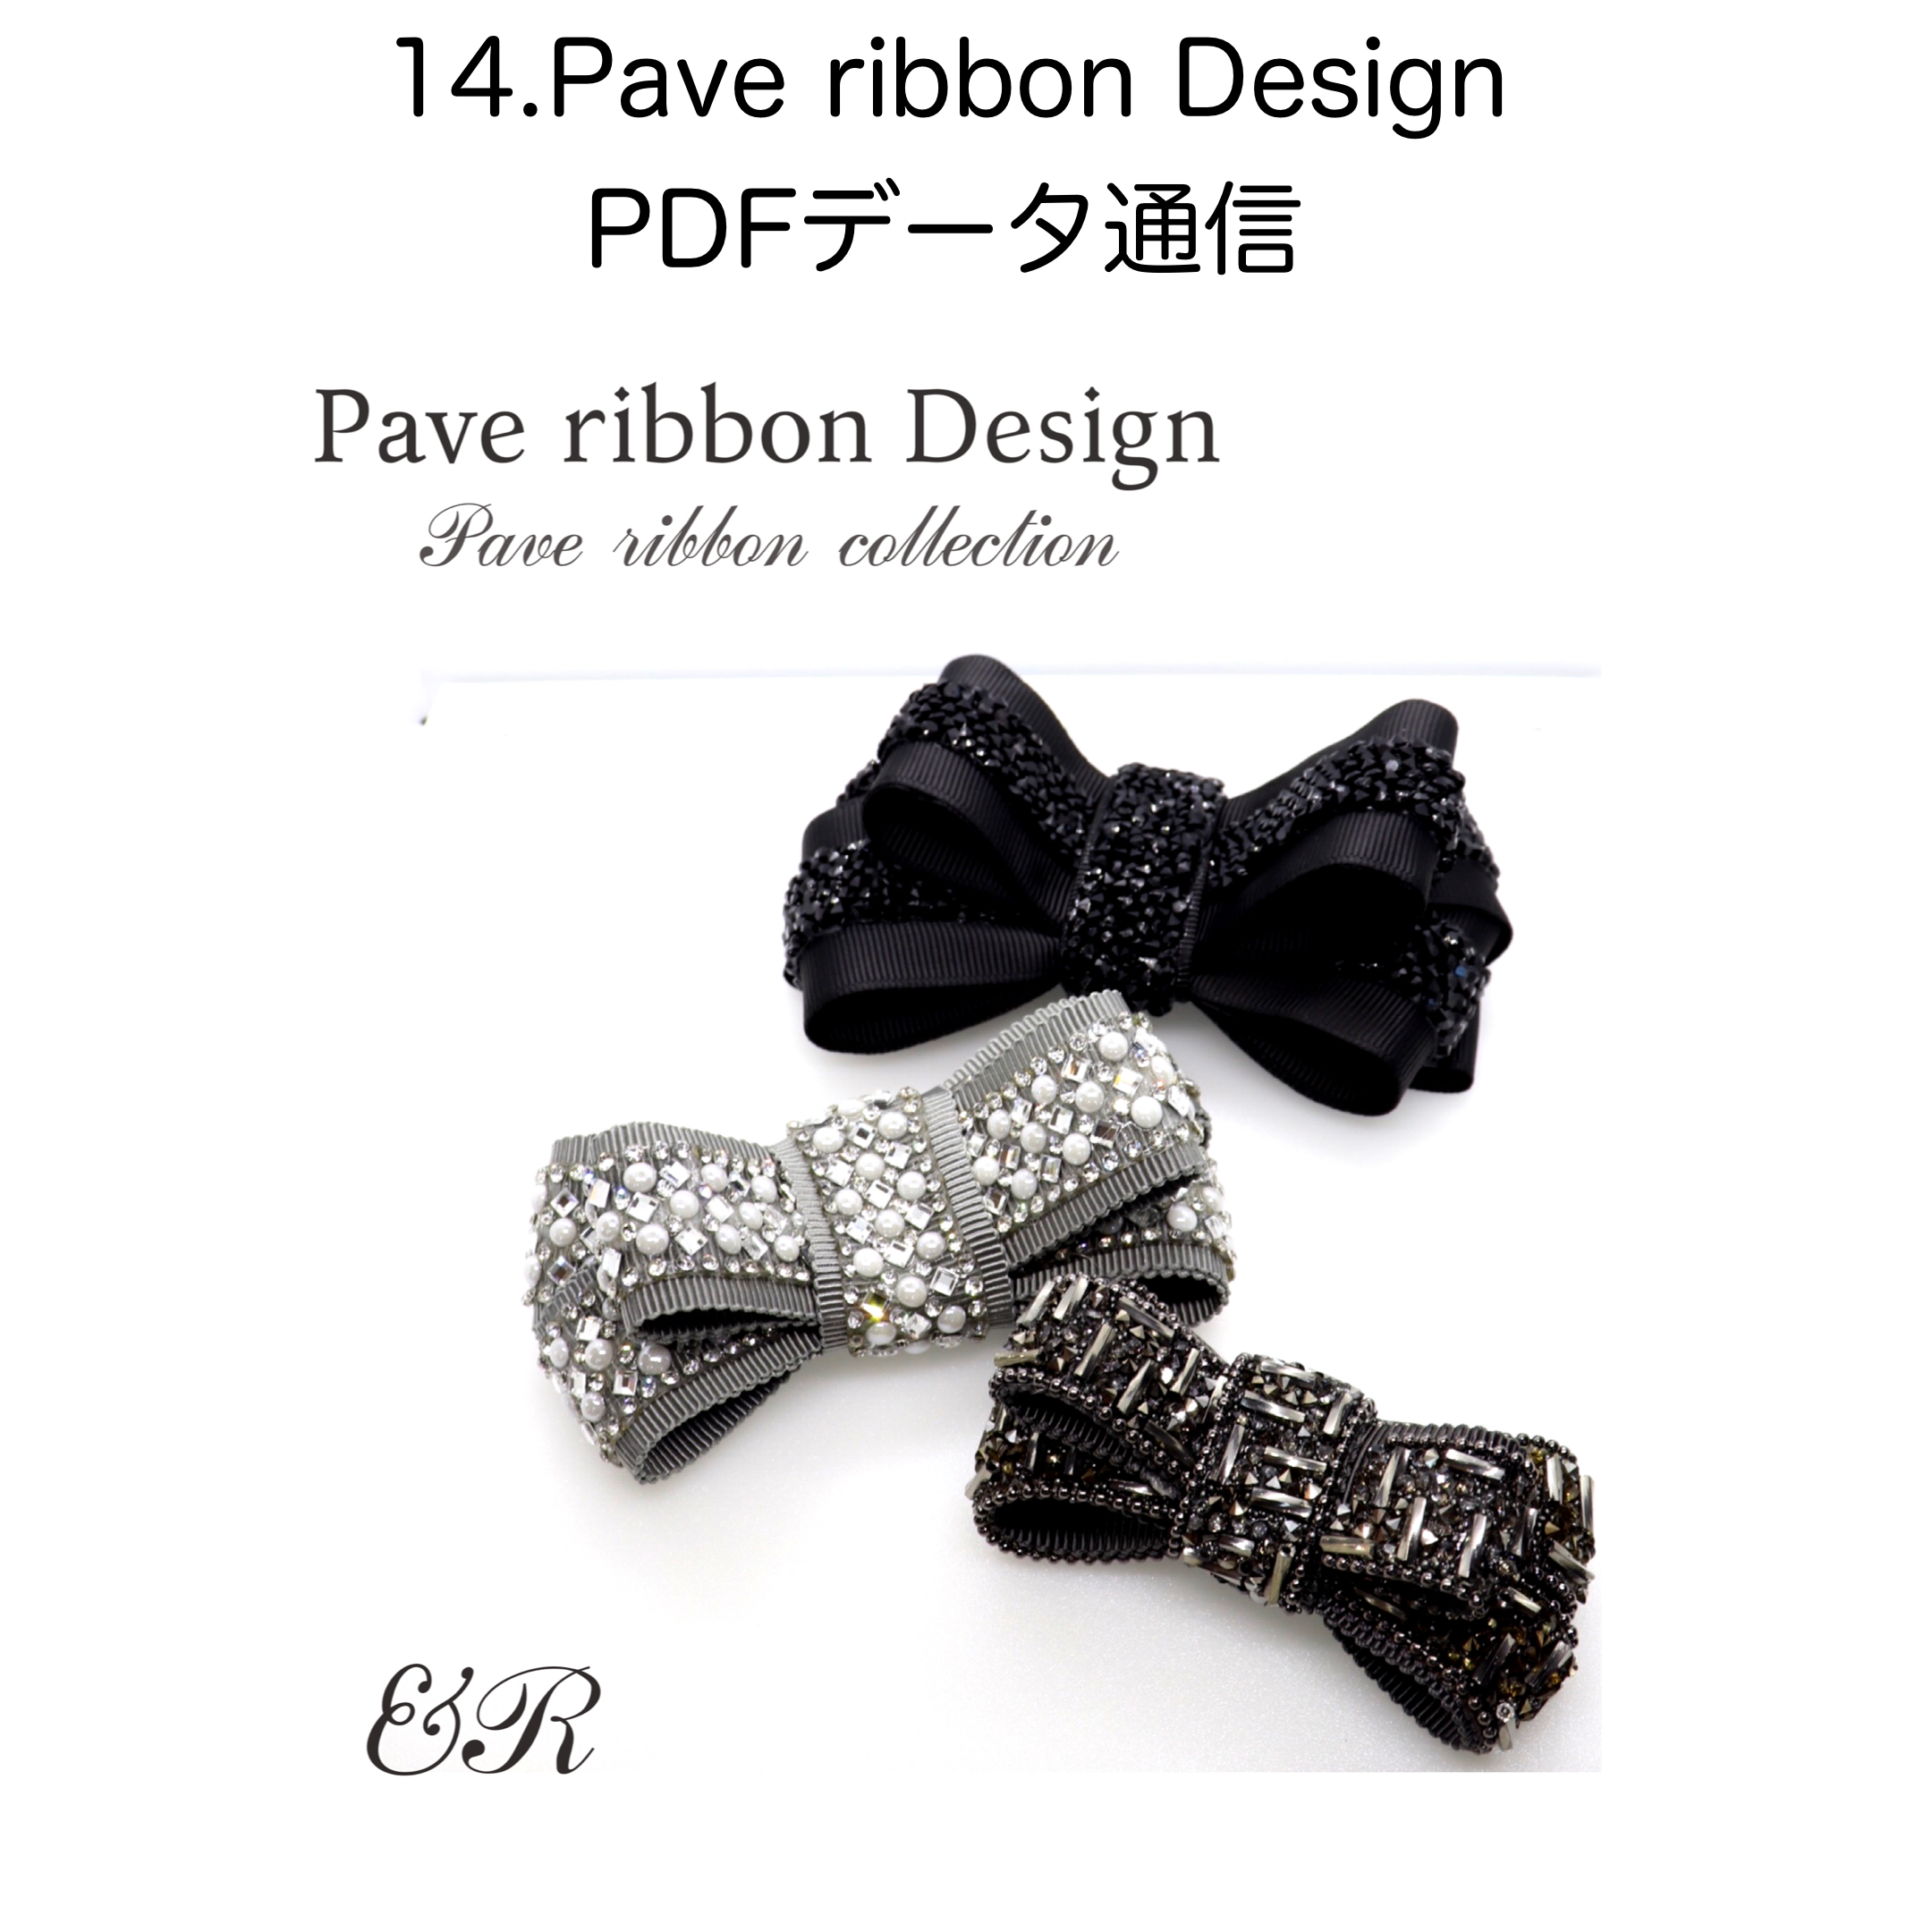 ⑭A.Pave ribbon Design PDFデータ通信(Pave ribbon 講師のみ)